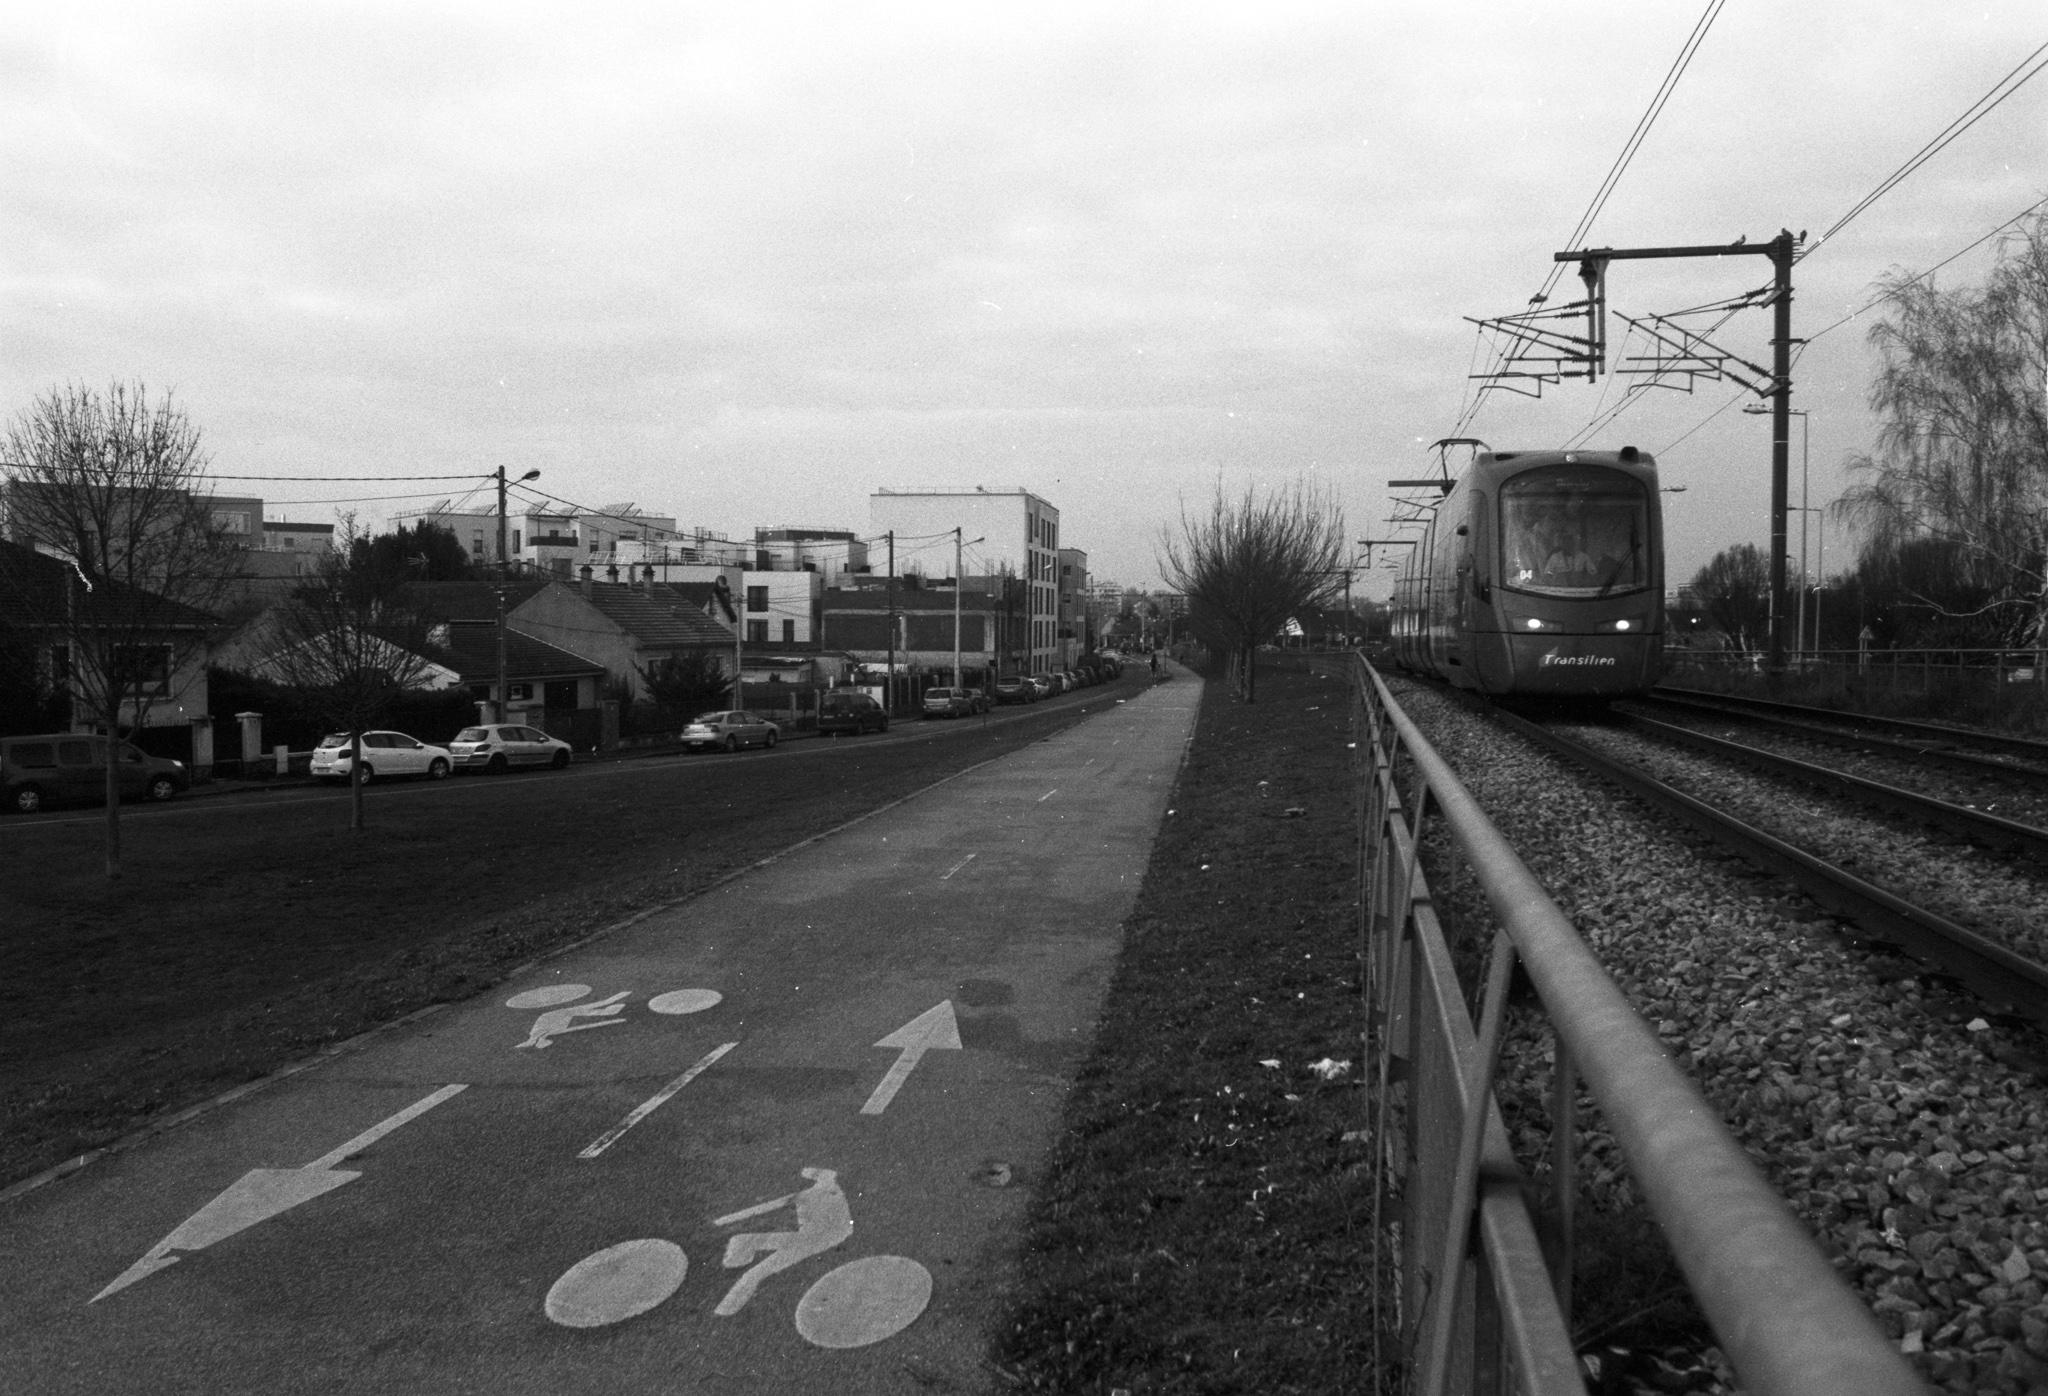 Photographie en ville avec à gauche une piste cyclable et à droite un tramway